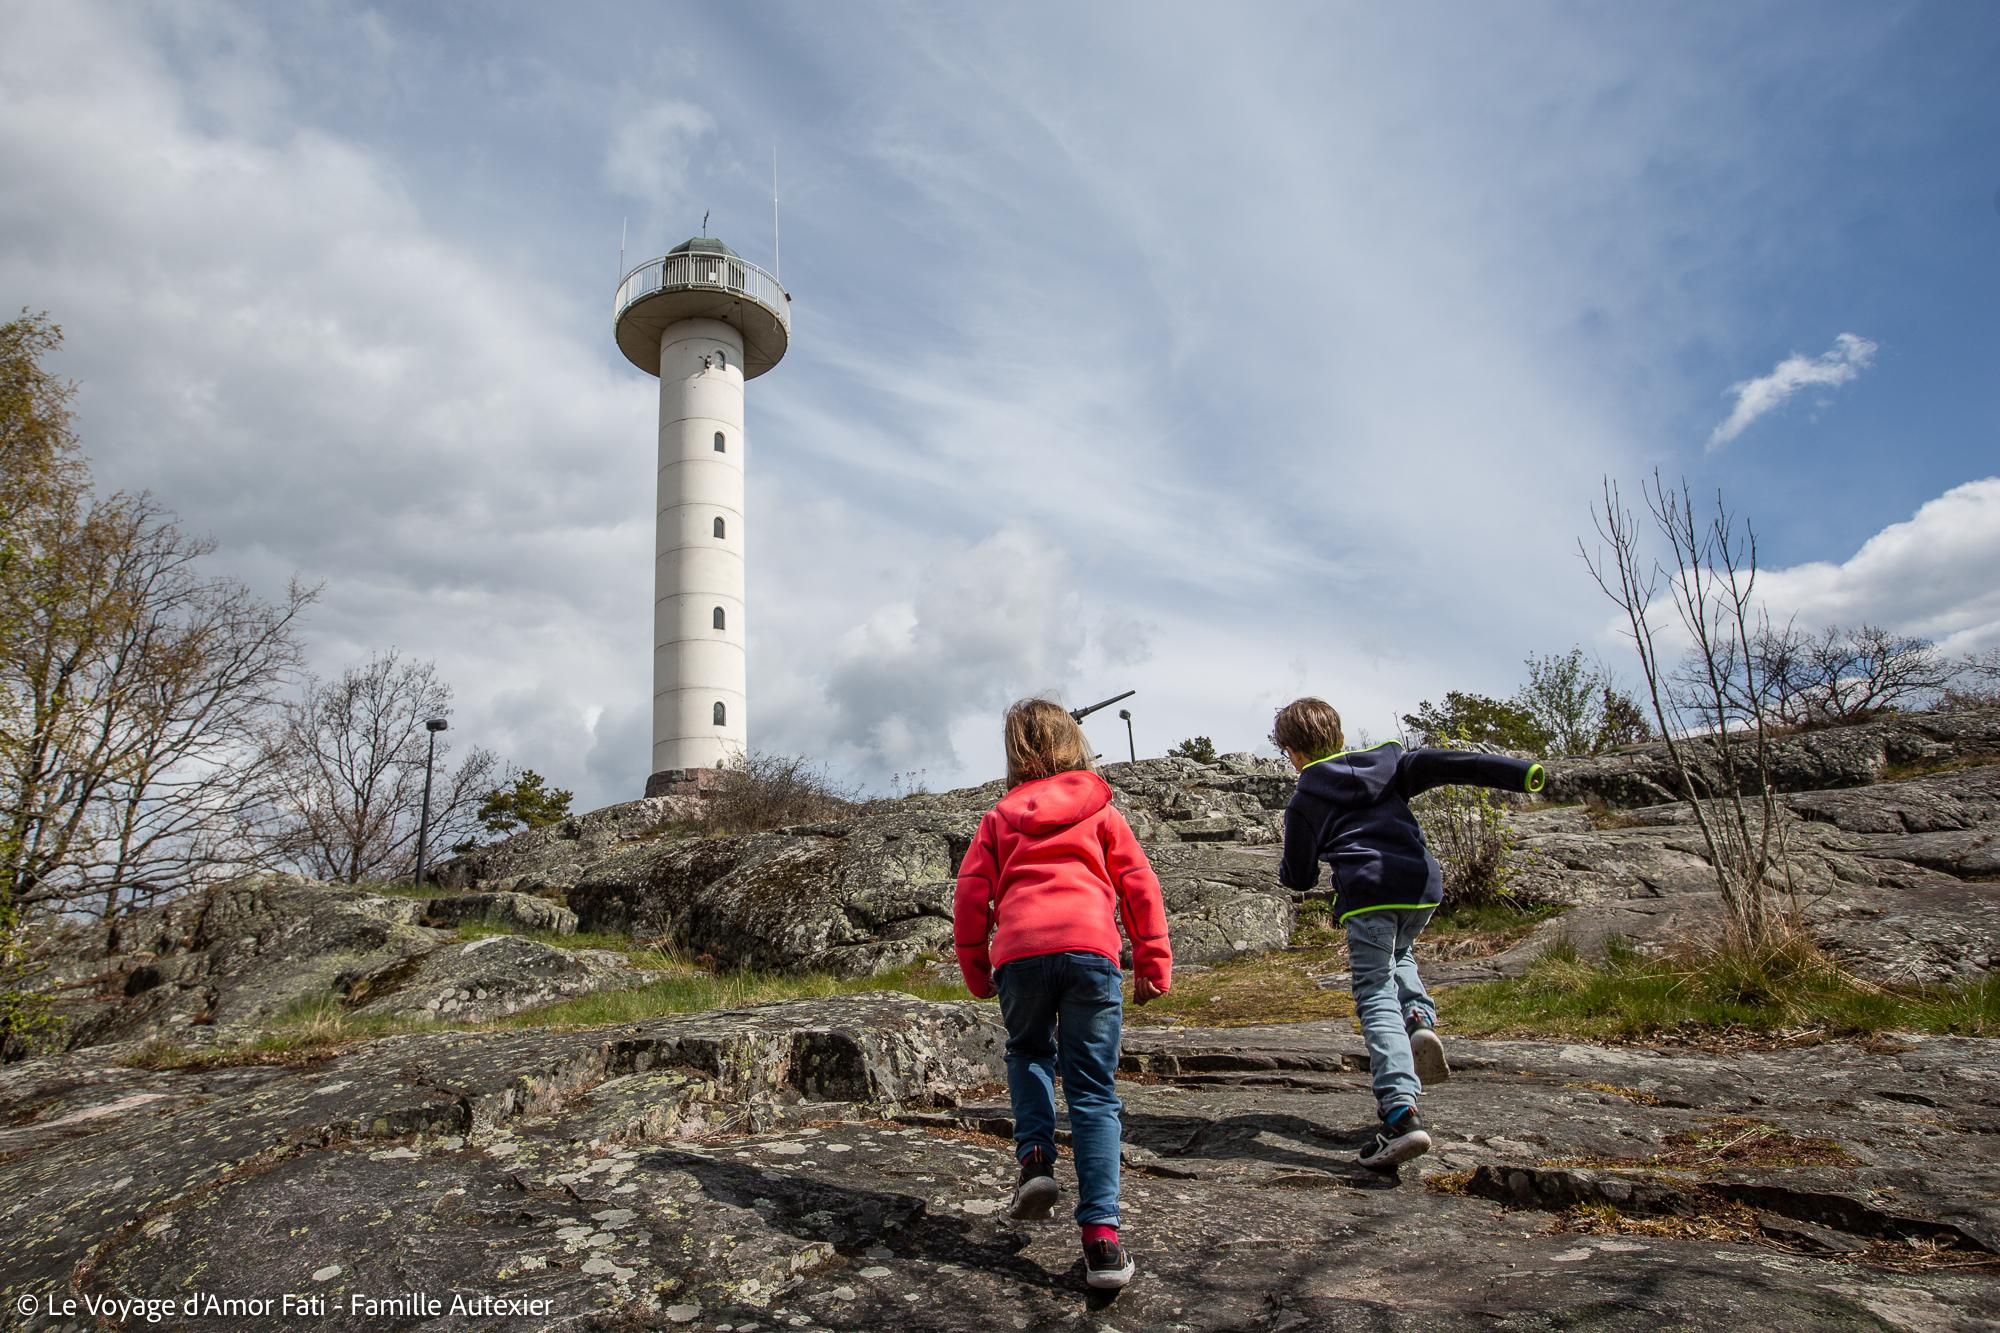 Västervik Suède Voyage Amor Fati Famille Autexier